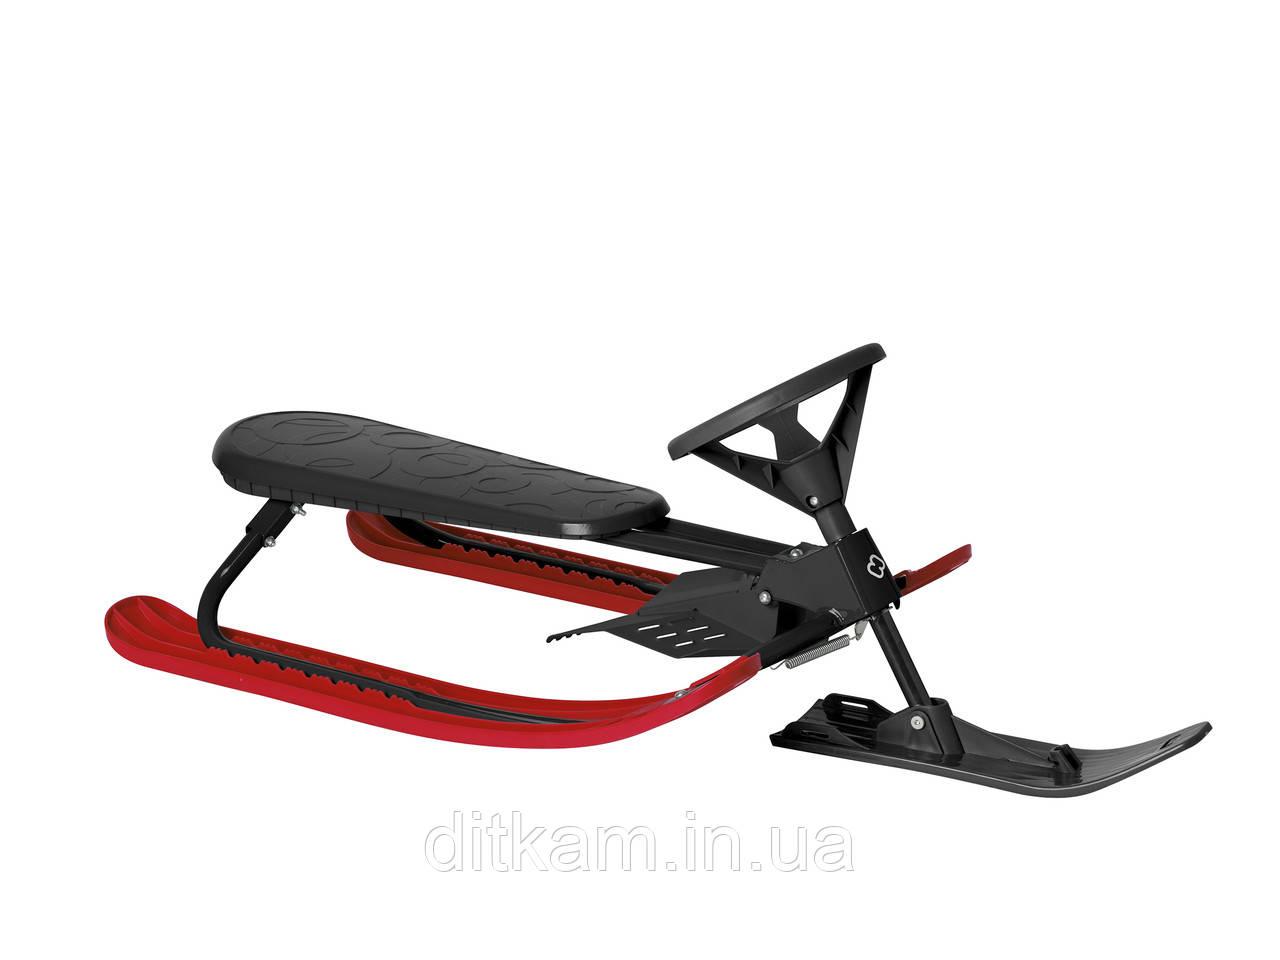 Снегокат DOWNHILL (Hamax) черный/красный